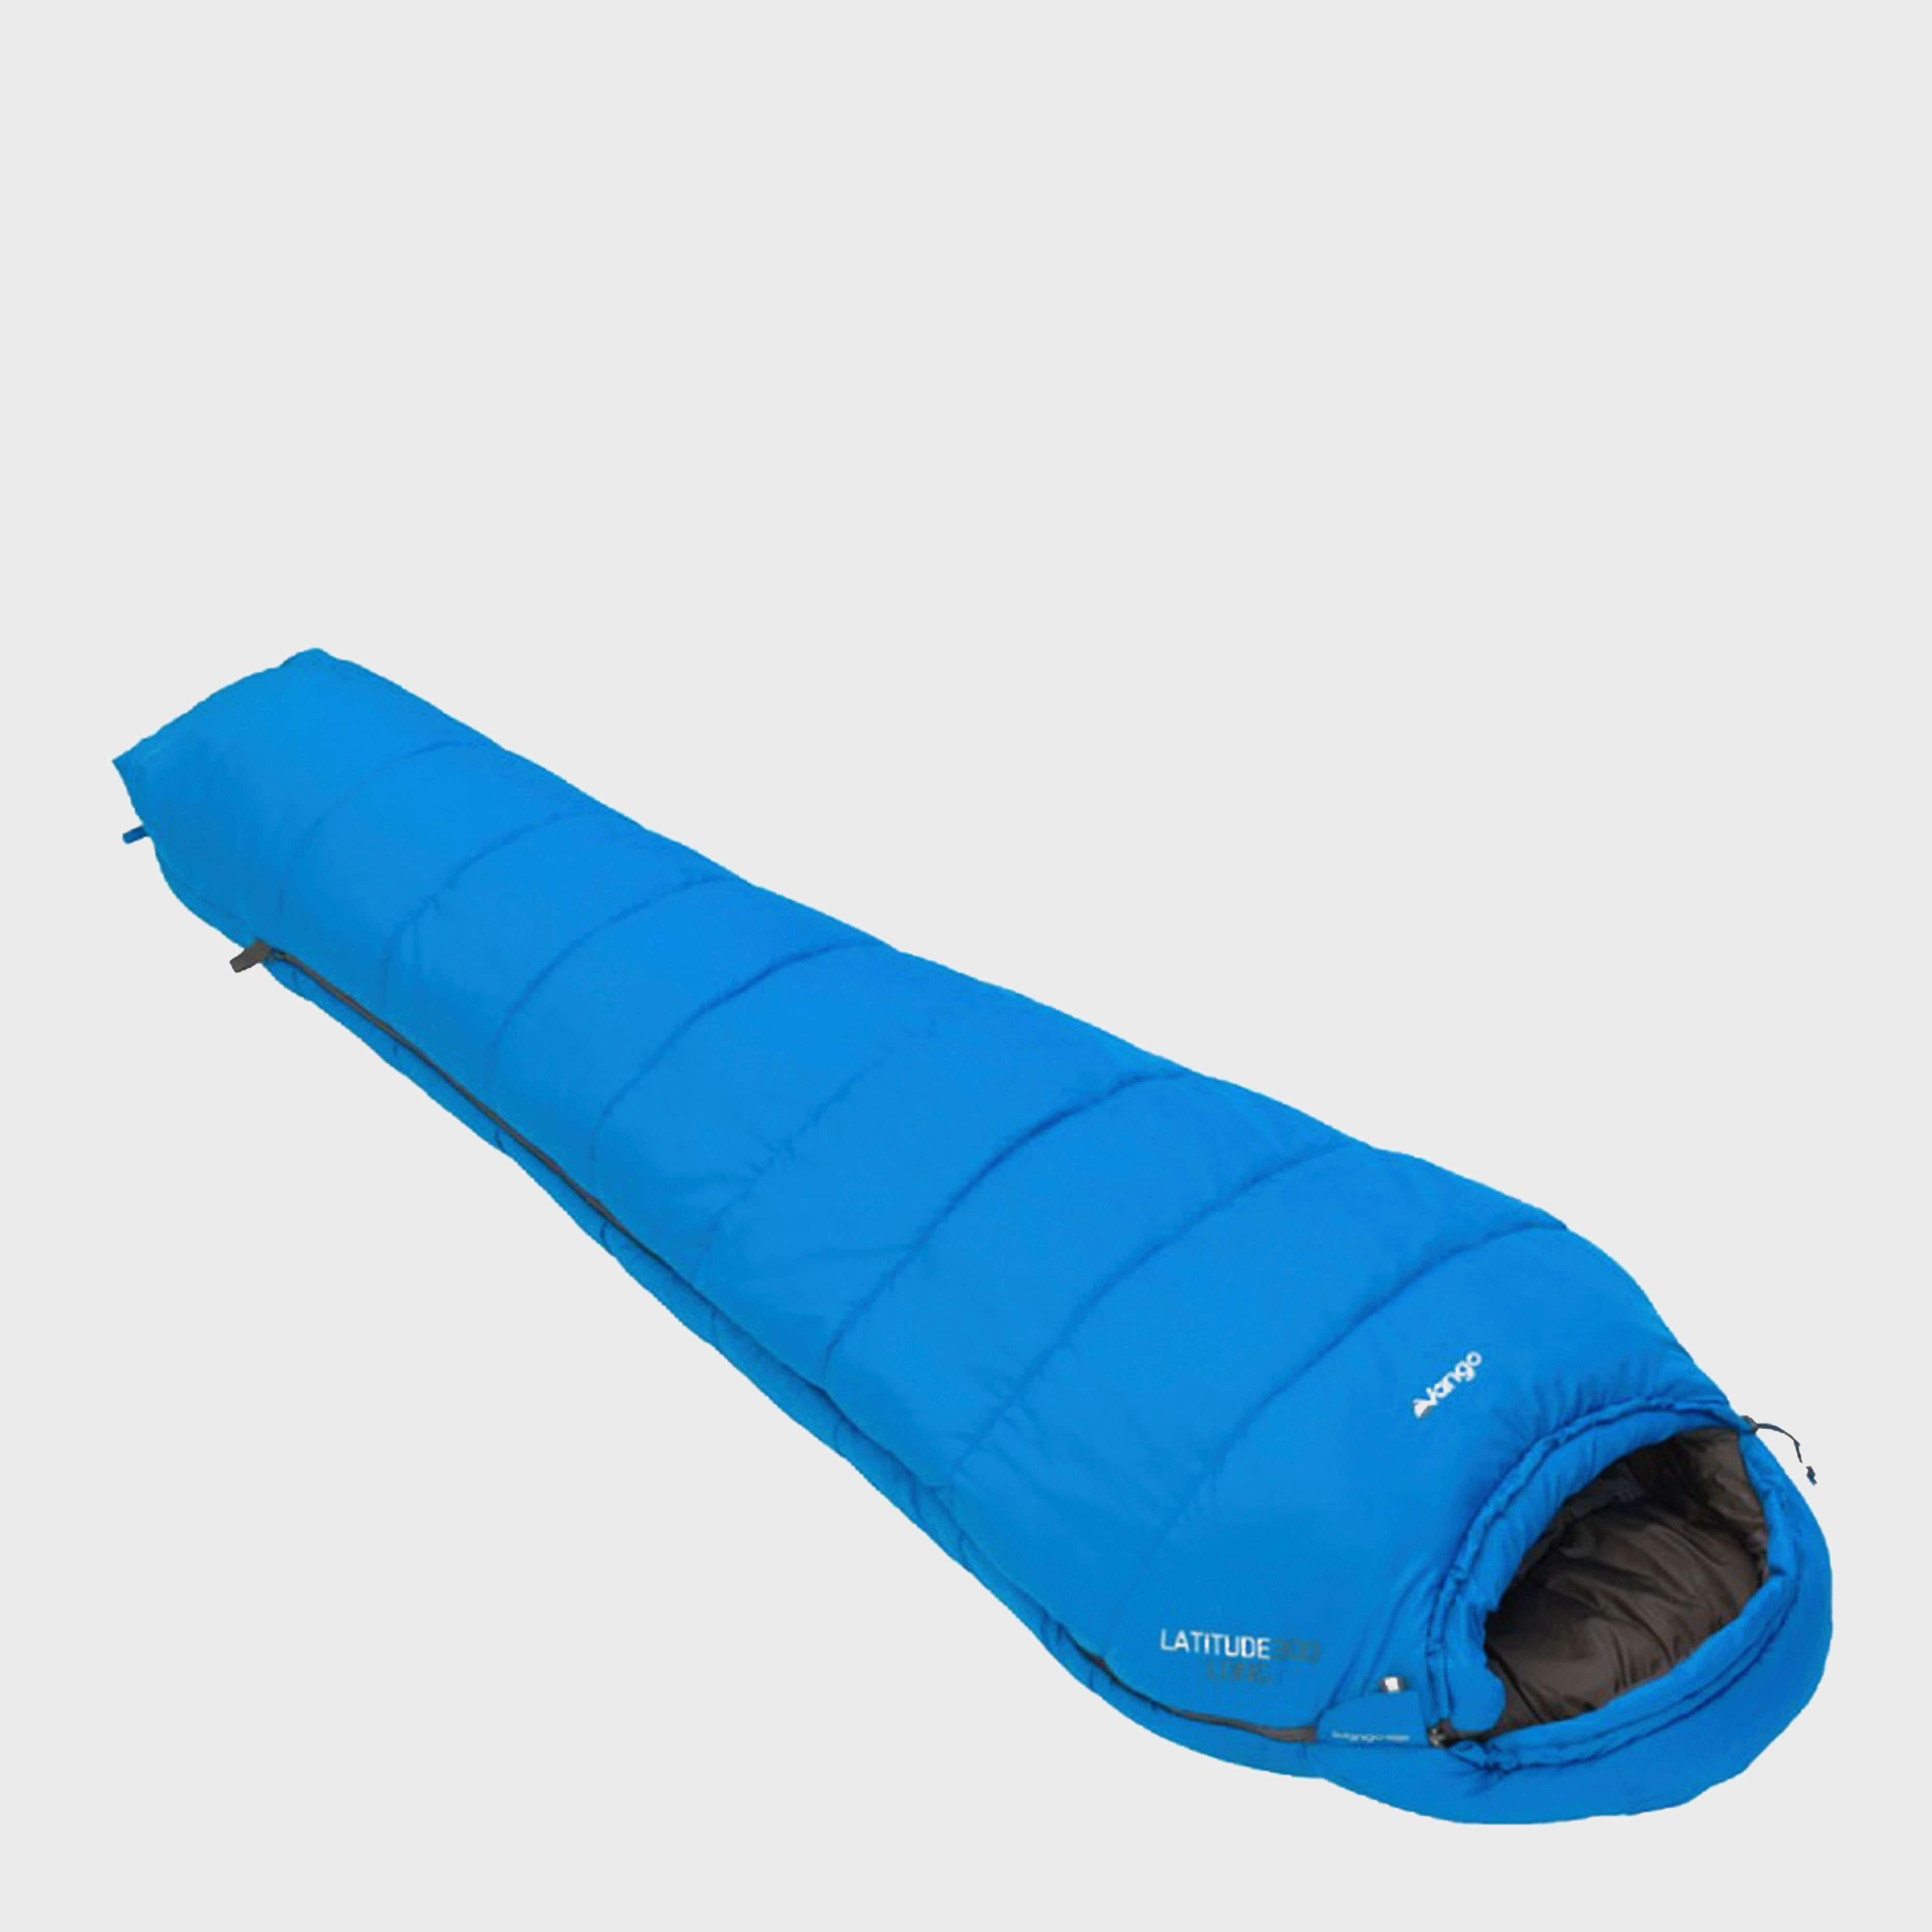 VANGO Latitude 300 Sleeping Bag (Long)